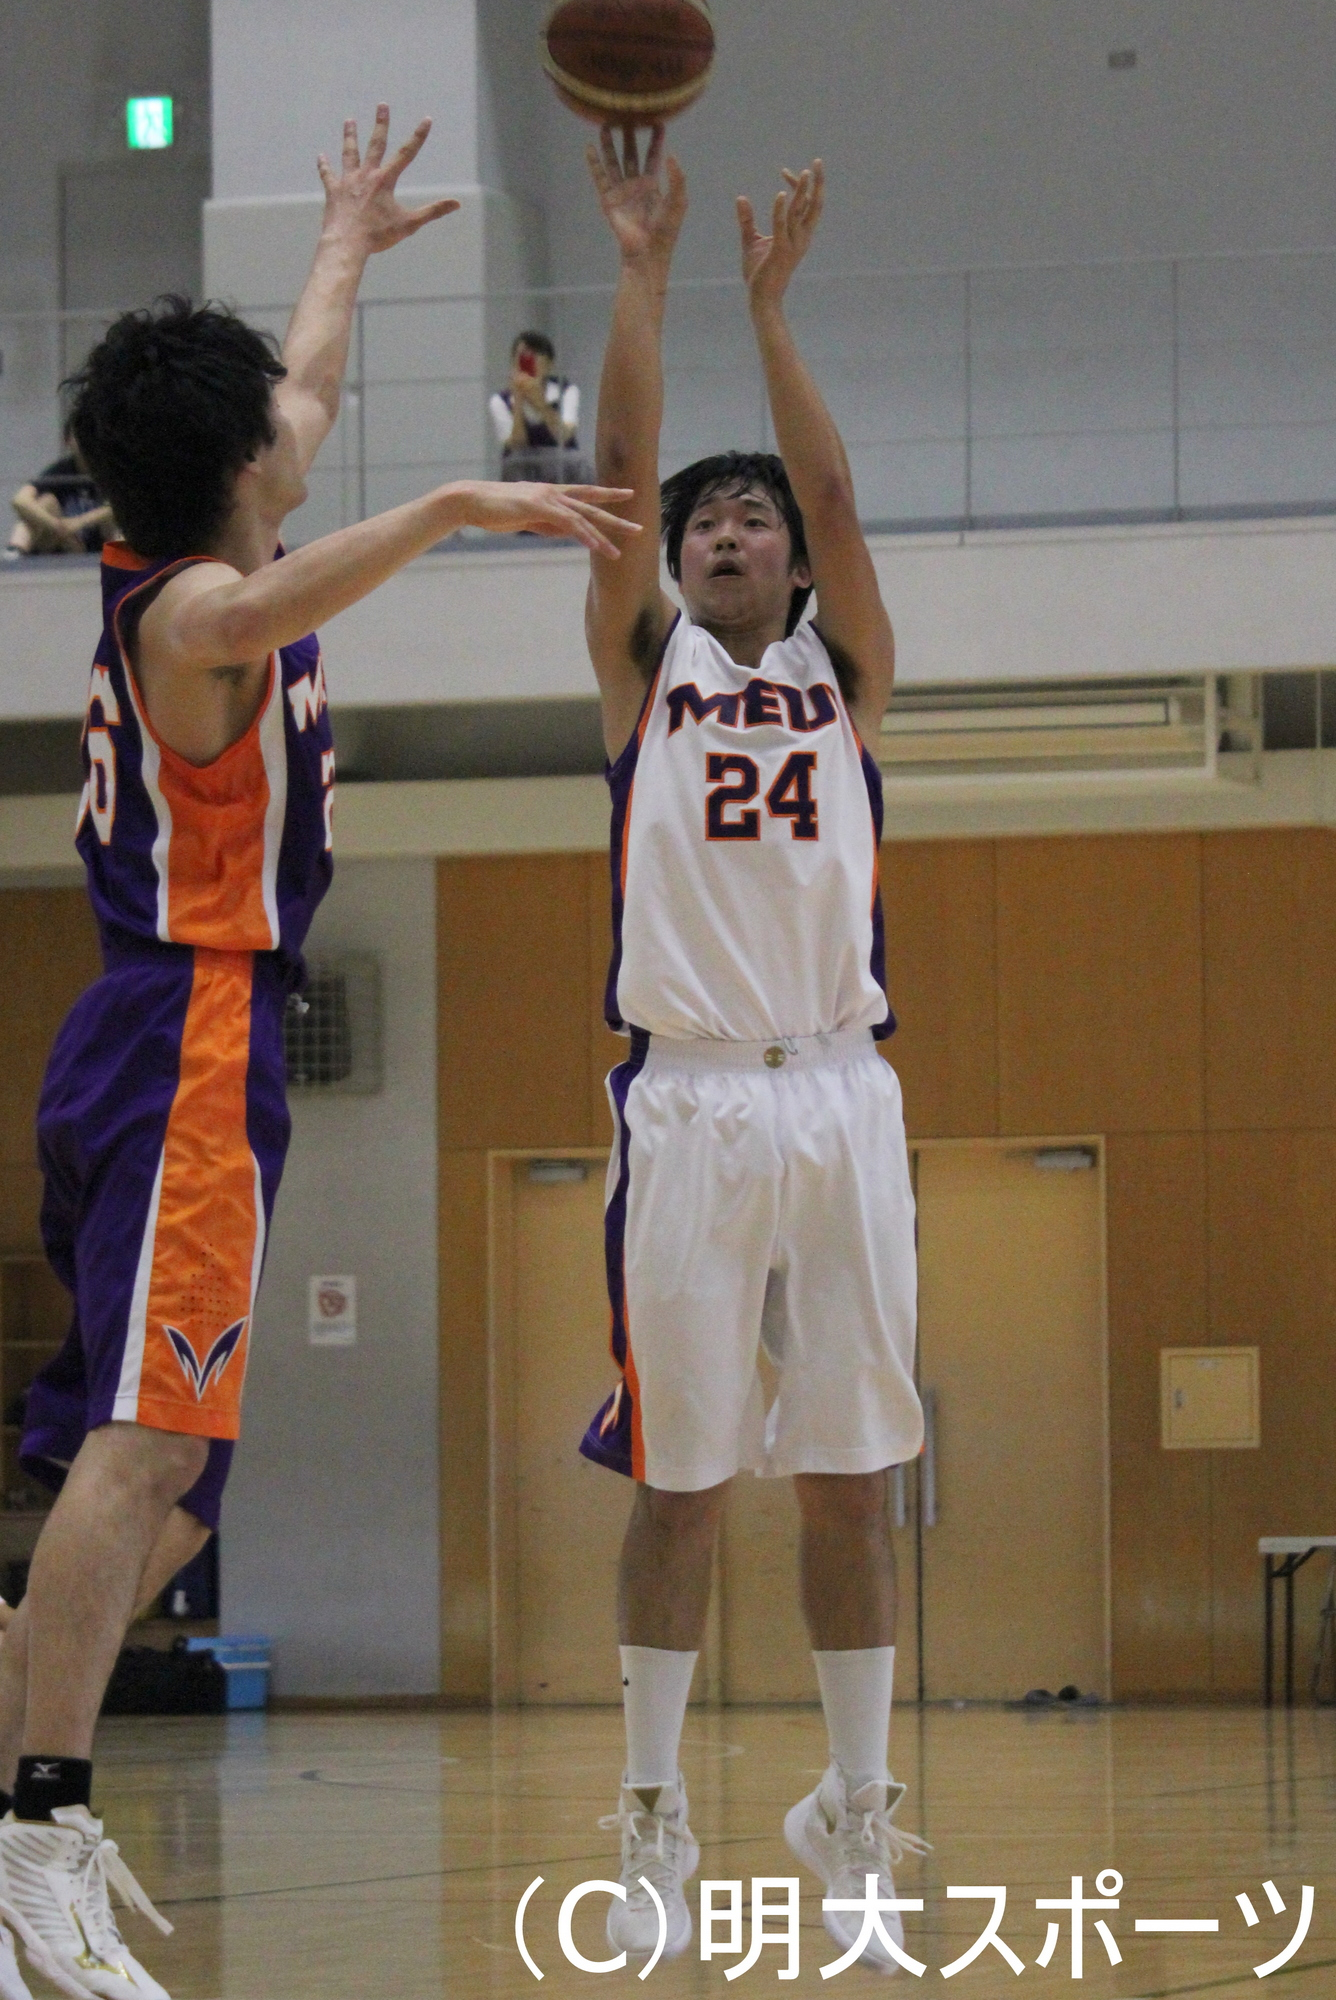 20160625_moriyama